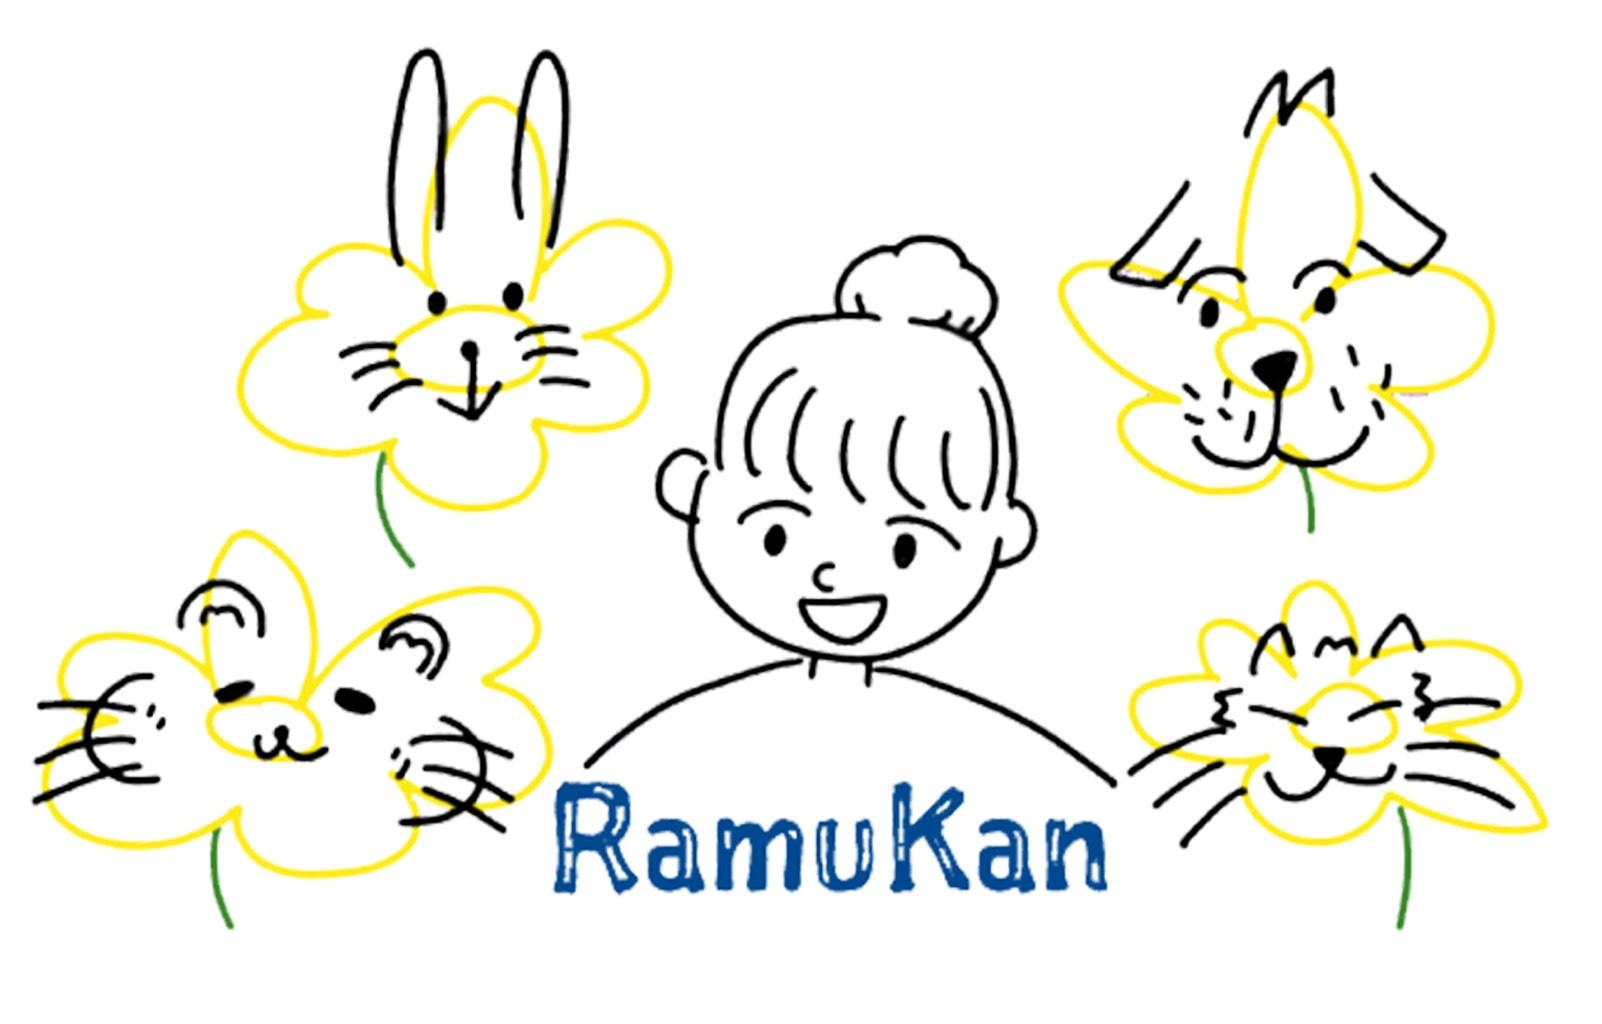 RamuKan